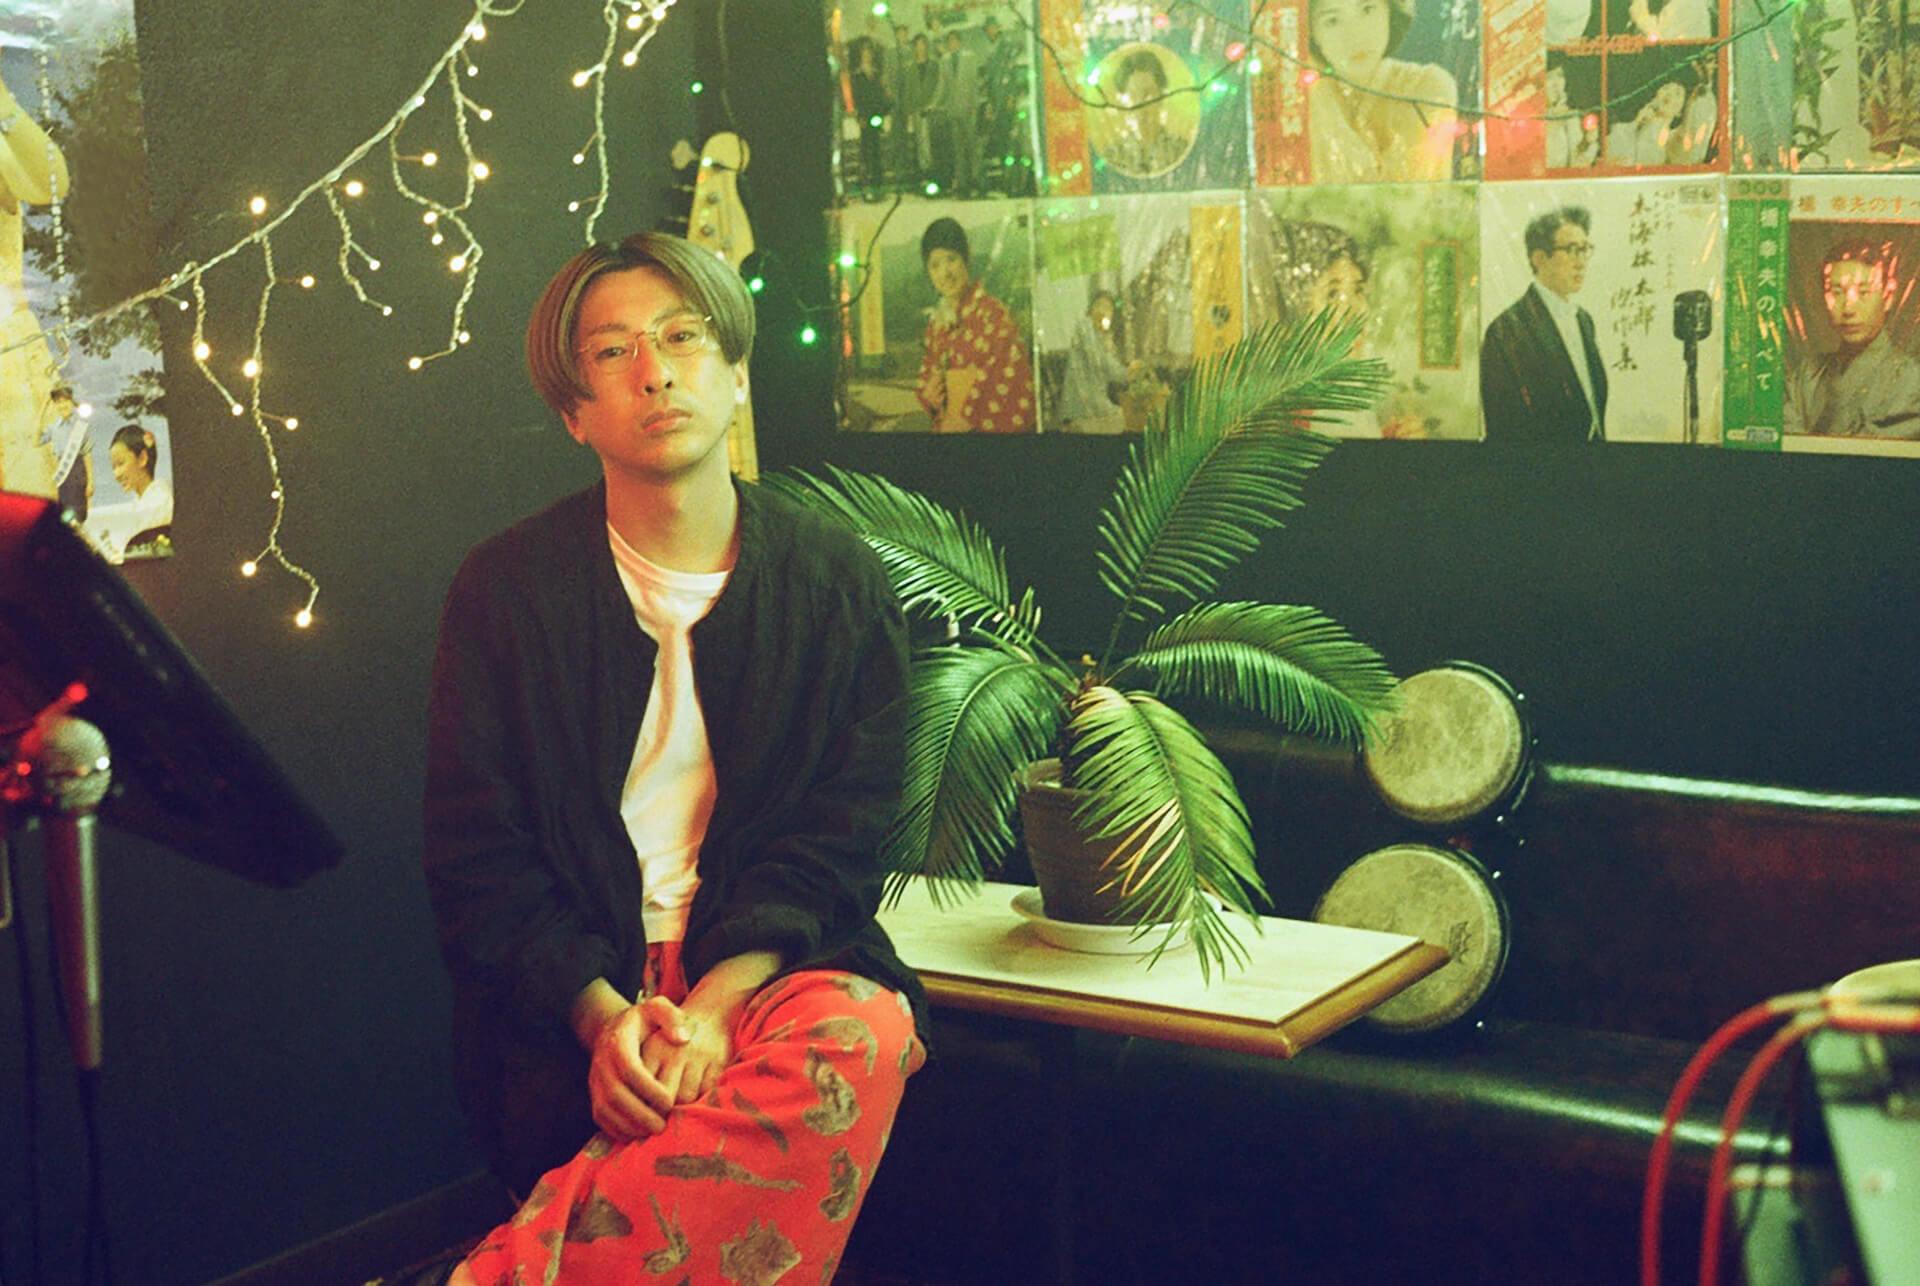 """VIDEOTAPEMUSICが〈URESHINO✕CROSSING〉から""""嬉野チャチャチャ(feat.mei ehara)""""""""ロマンス温泉""""を7インチで発売決定! music_210712_VTM1"""